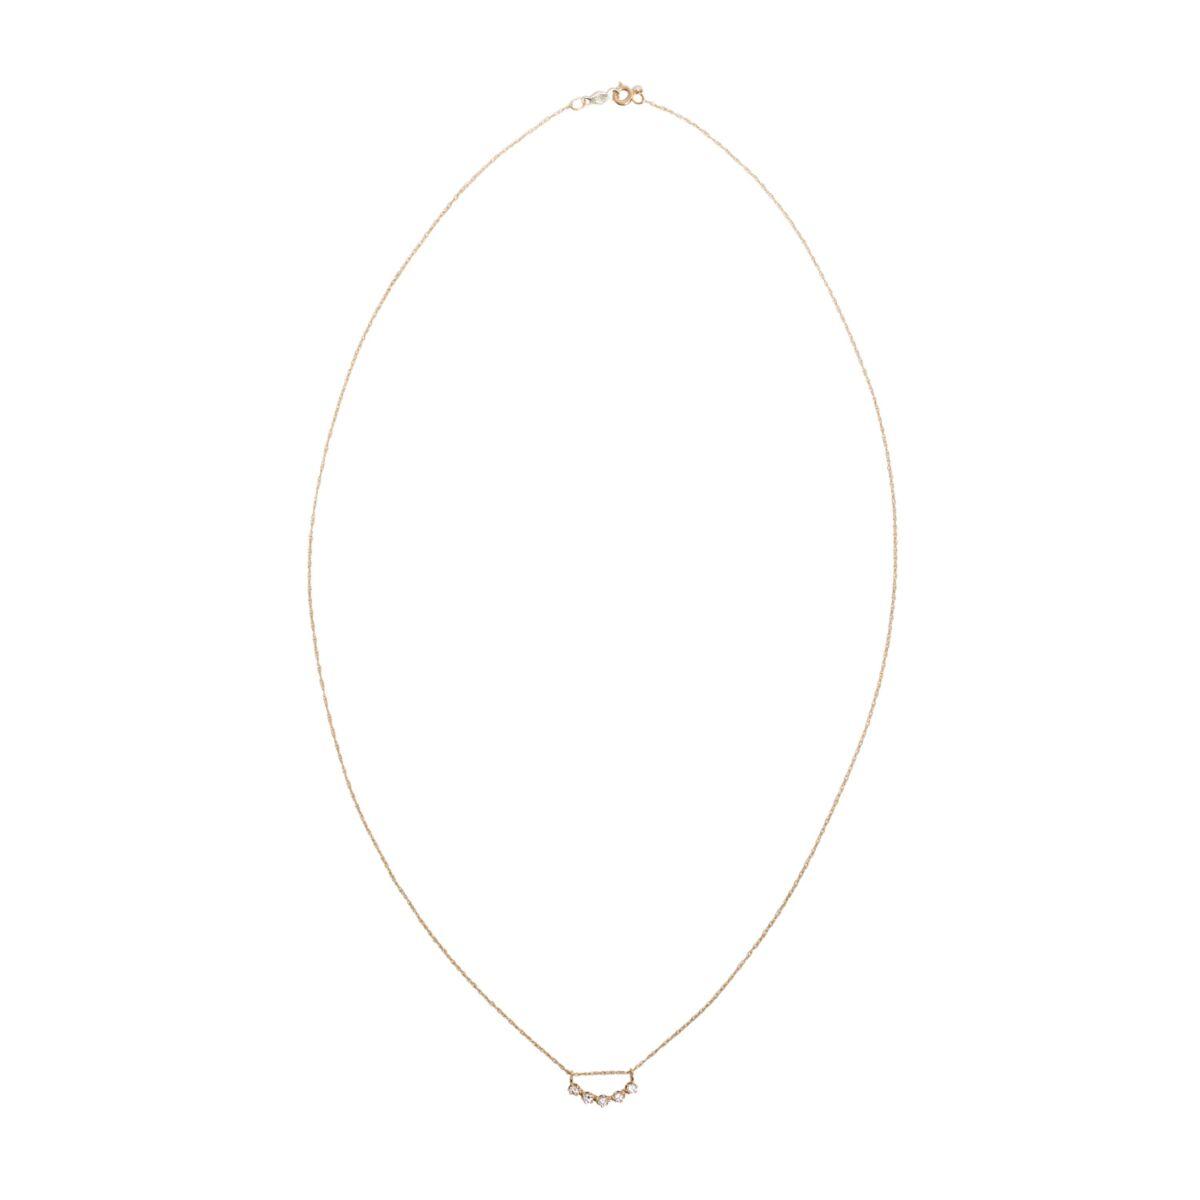 Majesty Curve Necklace, White Diamond image